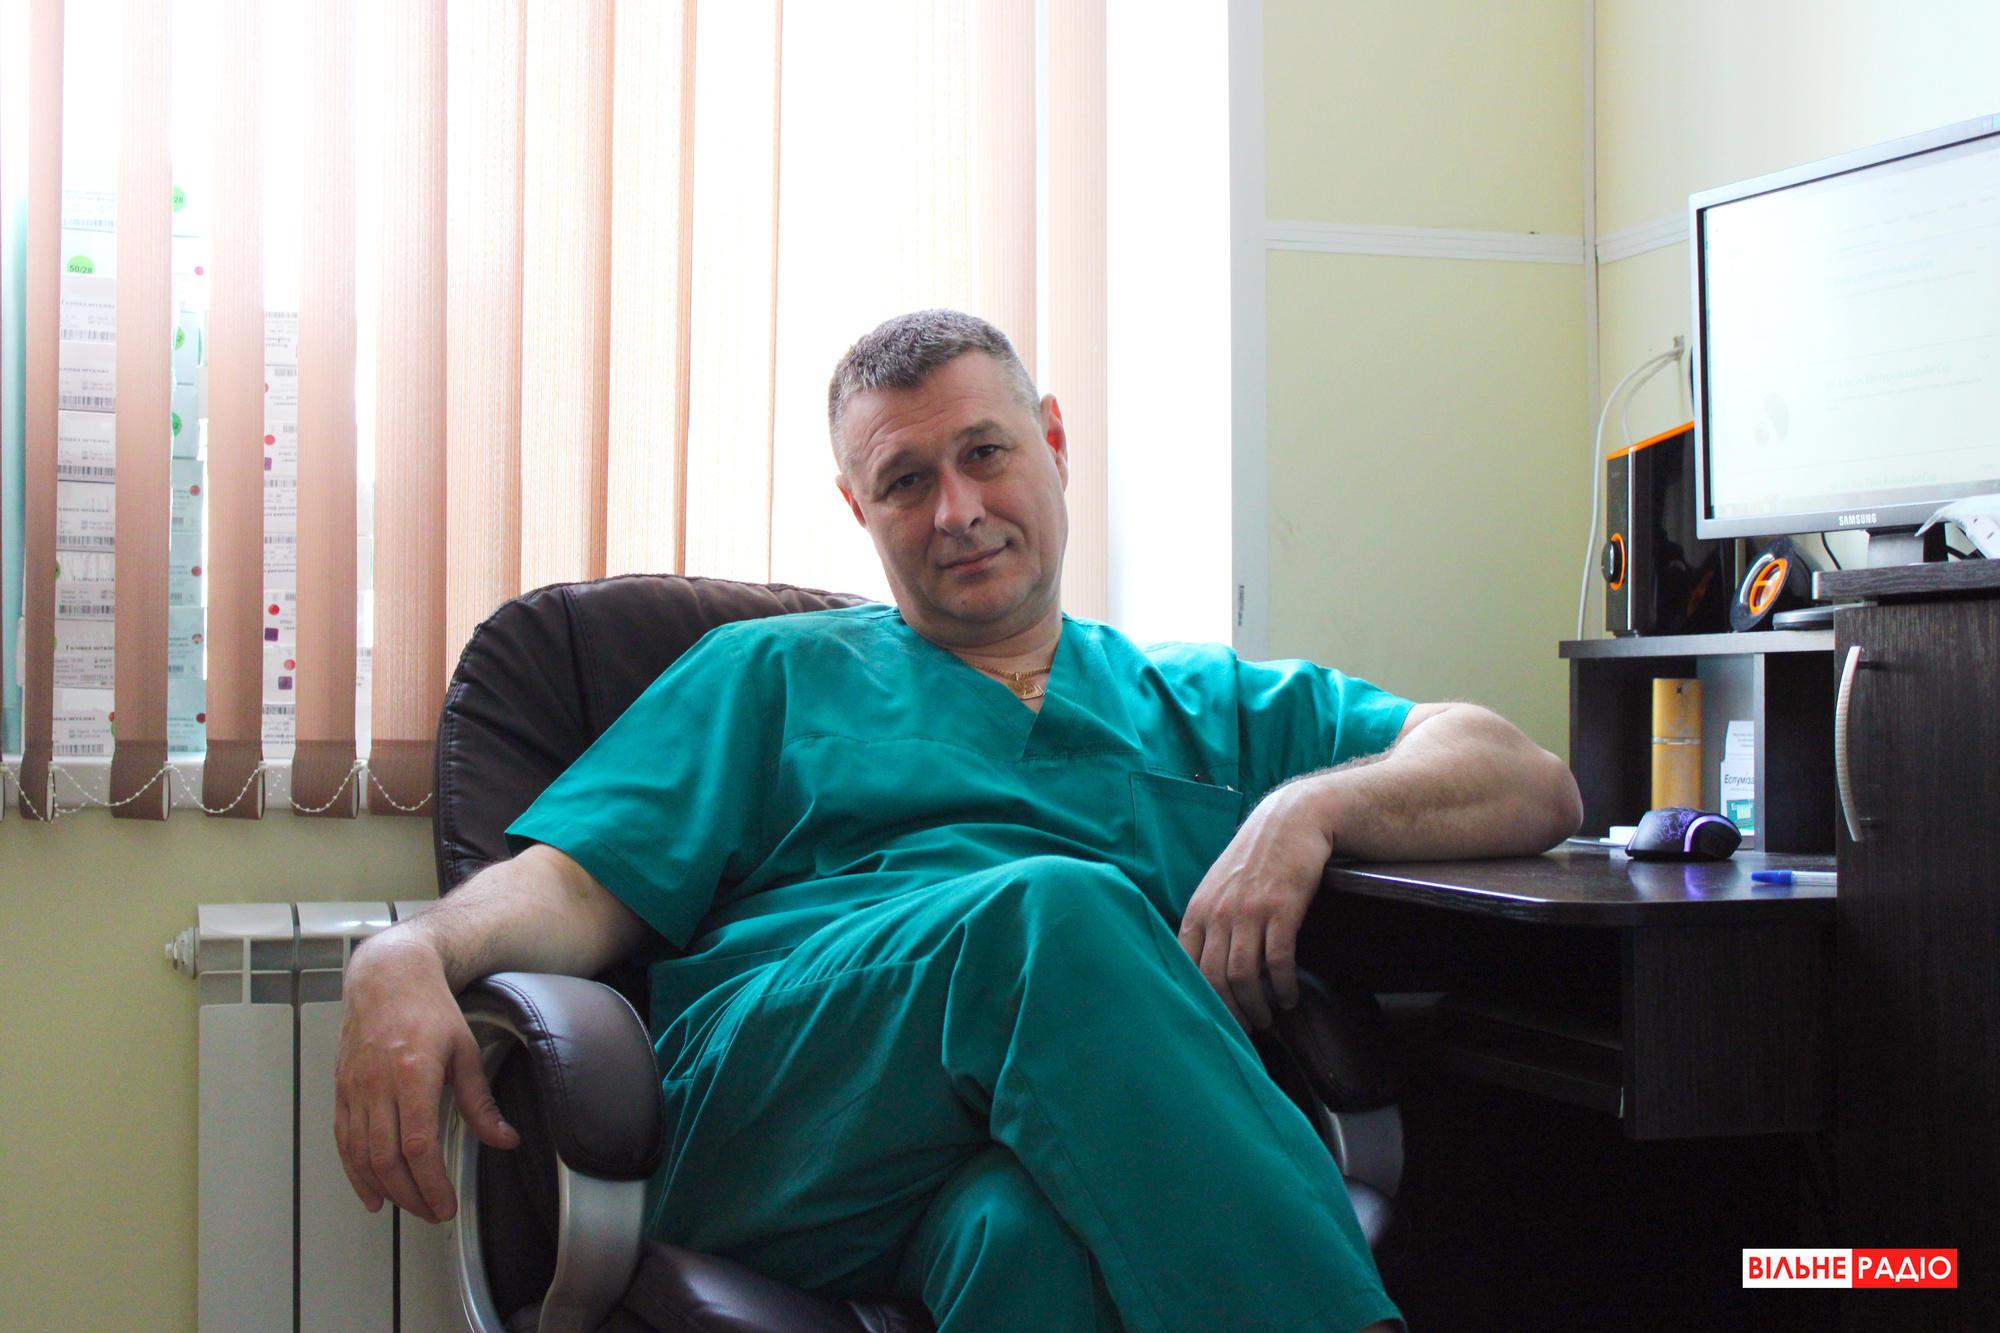 Завідувач травматологічного відділення Багатопрофільної лікарні інтенсивного лікування м. Бахмут Дмитро Бондар